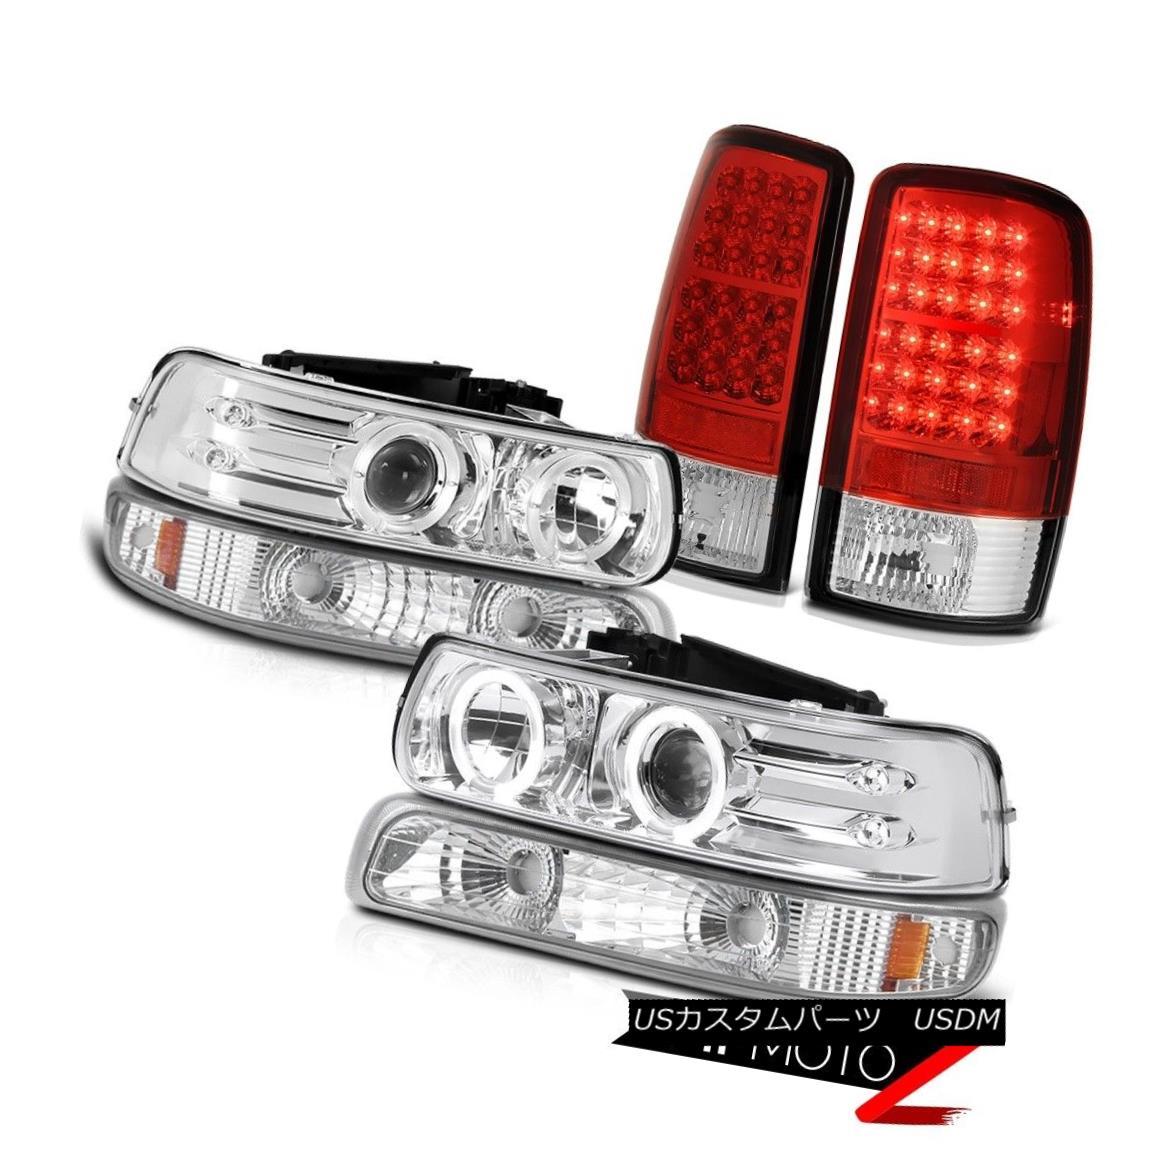 ヘッドライト Dual Halo Headlights Euro Bumper Brake Signal LED Tail Light 00-06 Suburban 8.1L デュアルHaloヘッドライトユーロバンパーブレーキ信号LEDテールライト00-06郊外8.1L